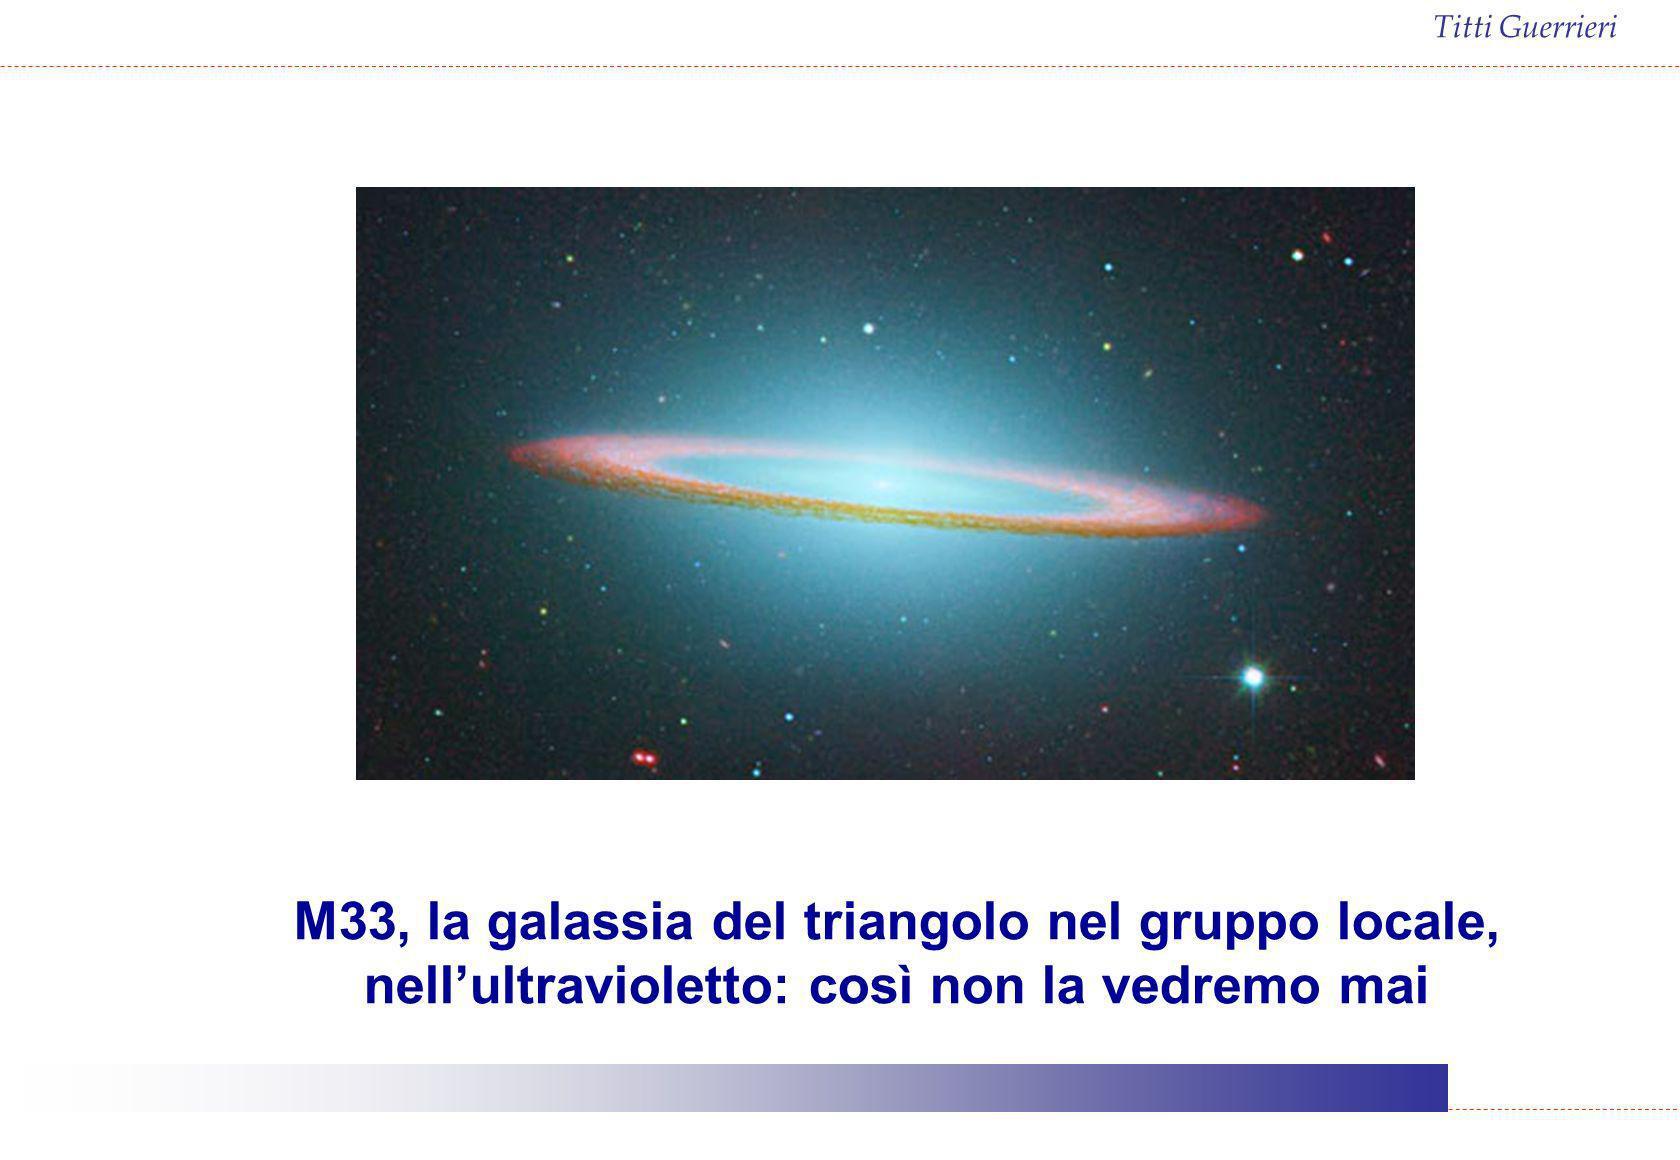 M33, la galassia del triangolo nel gruppo locale, nell'ultravioletto: così non la vedremo mai